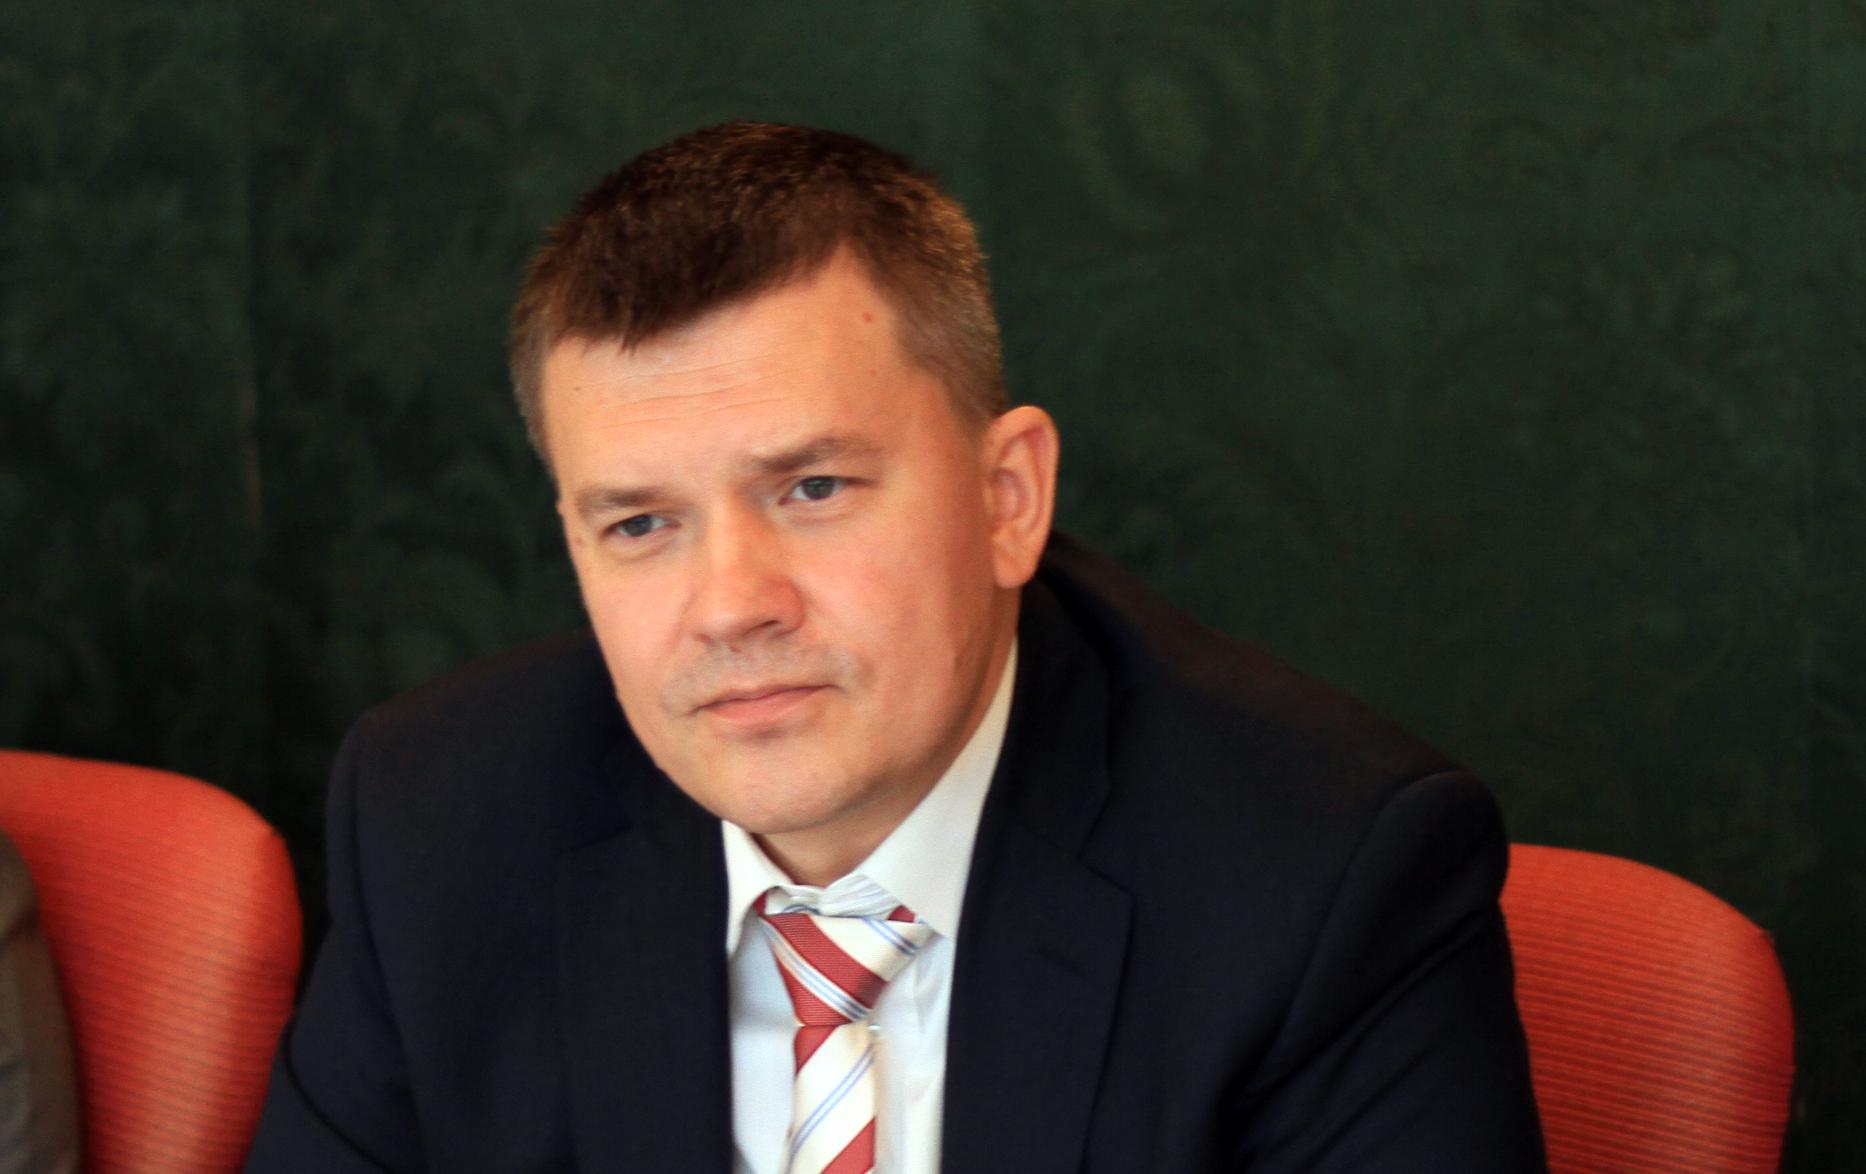 Владимир Рябухин, СК «Цюрих»: «Женщины средних лет водят аккуратнее»